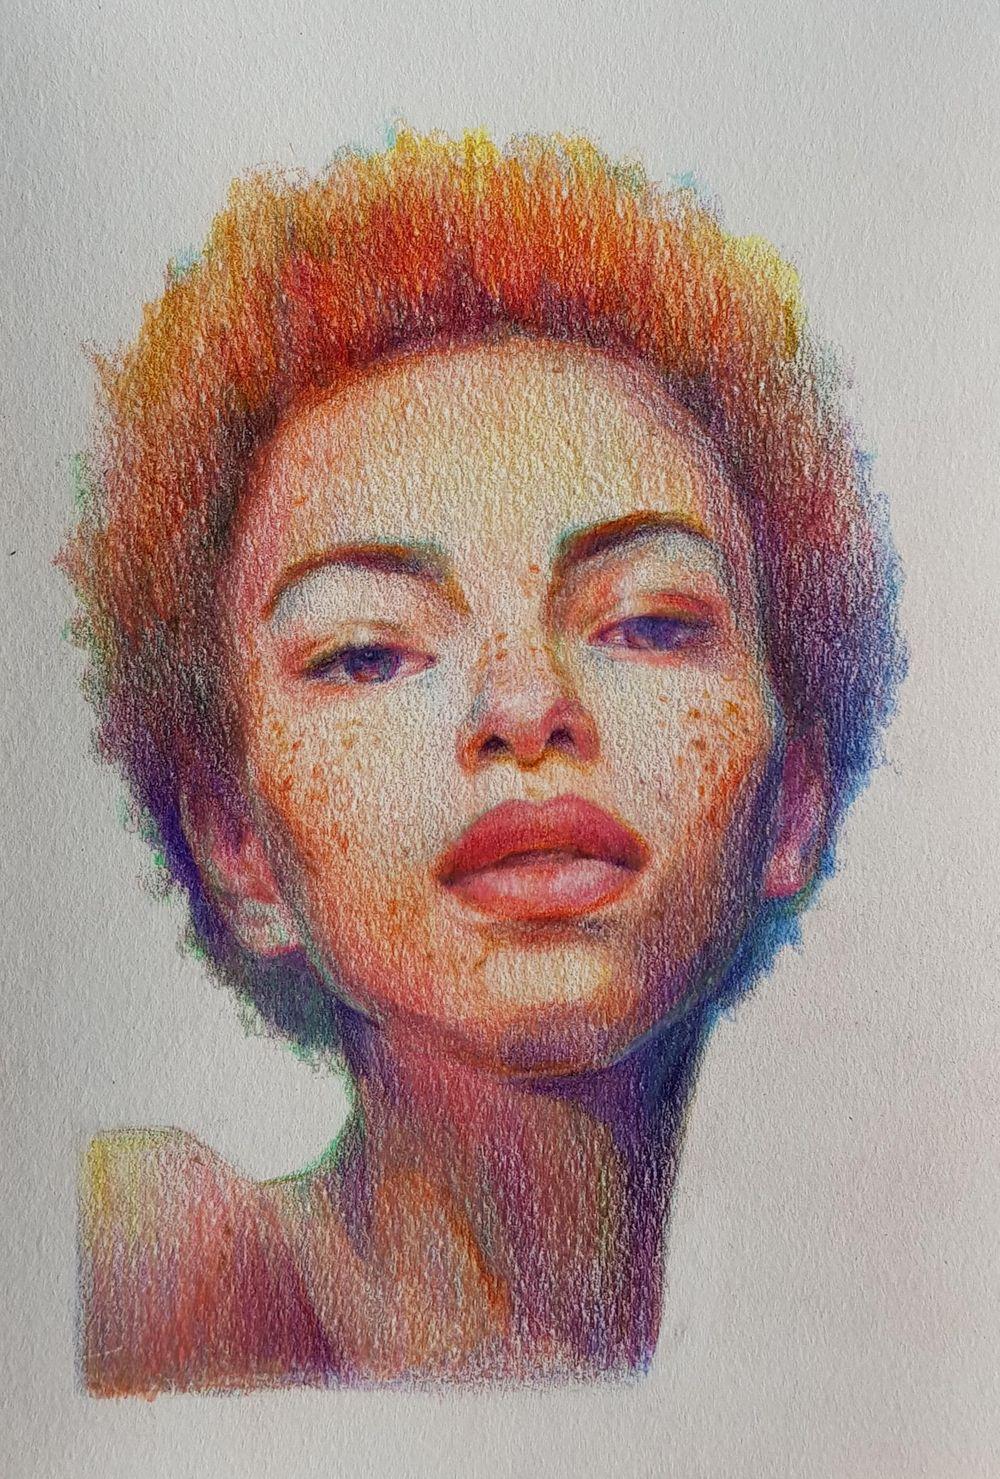 Rakova Elena - image 2 - student project